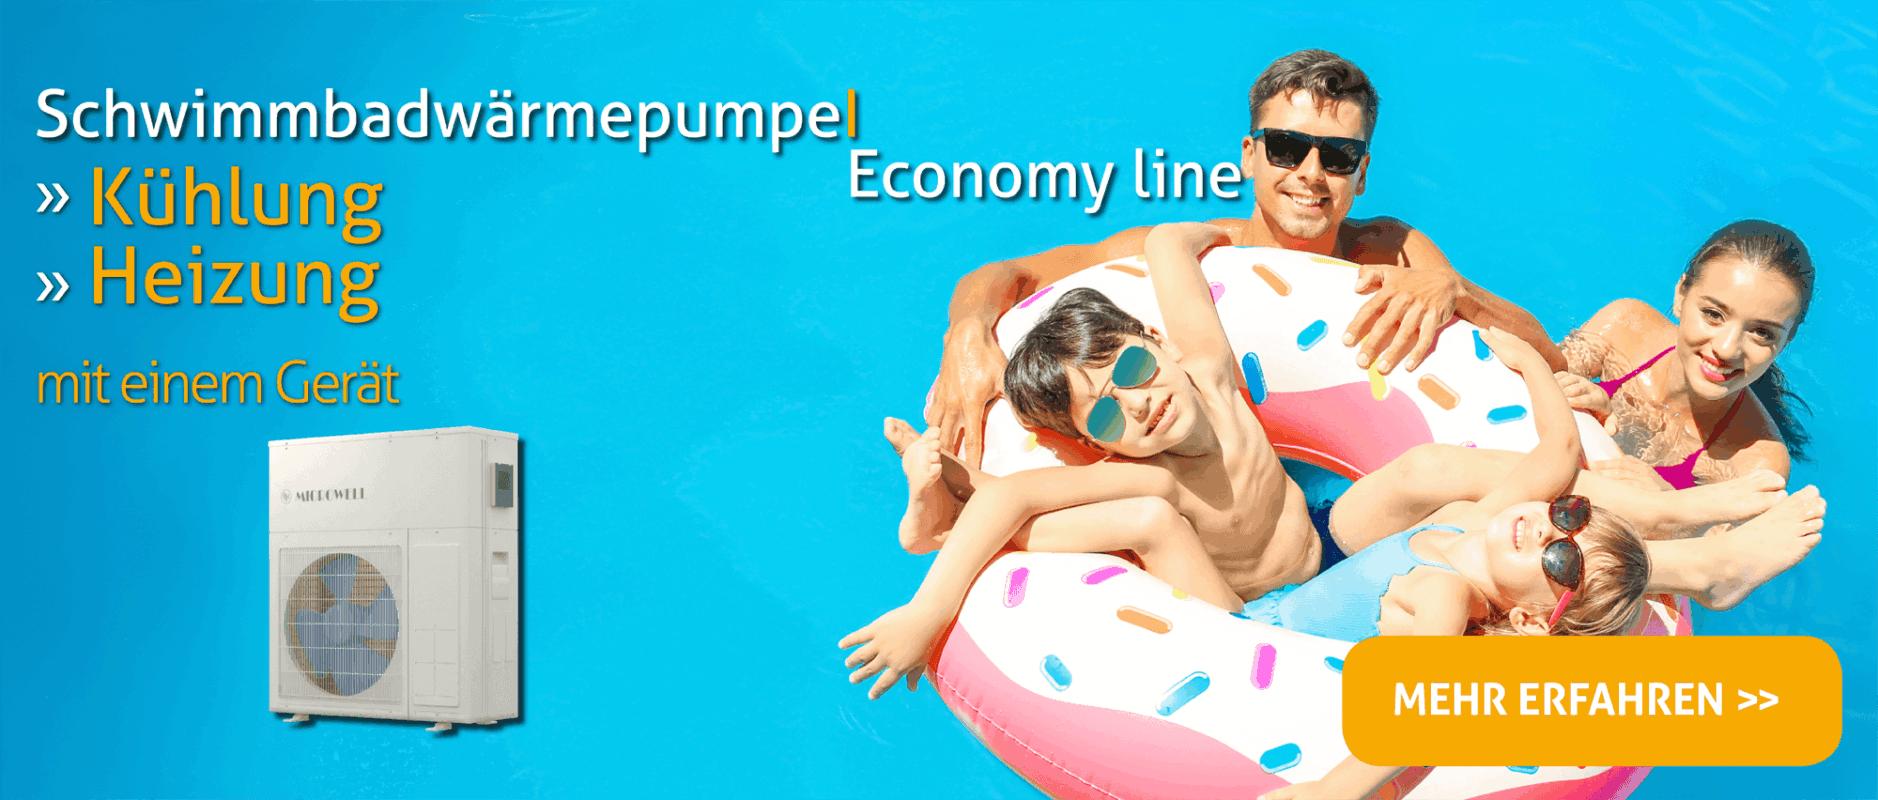 Economy Line Web